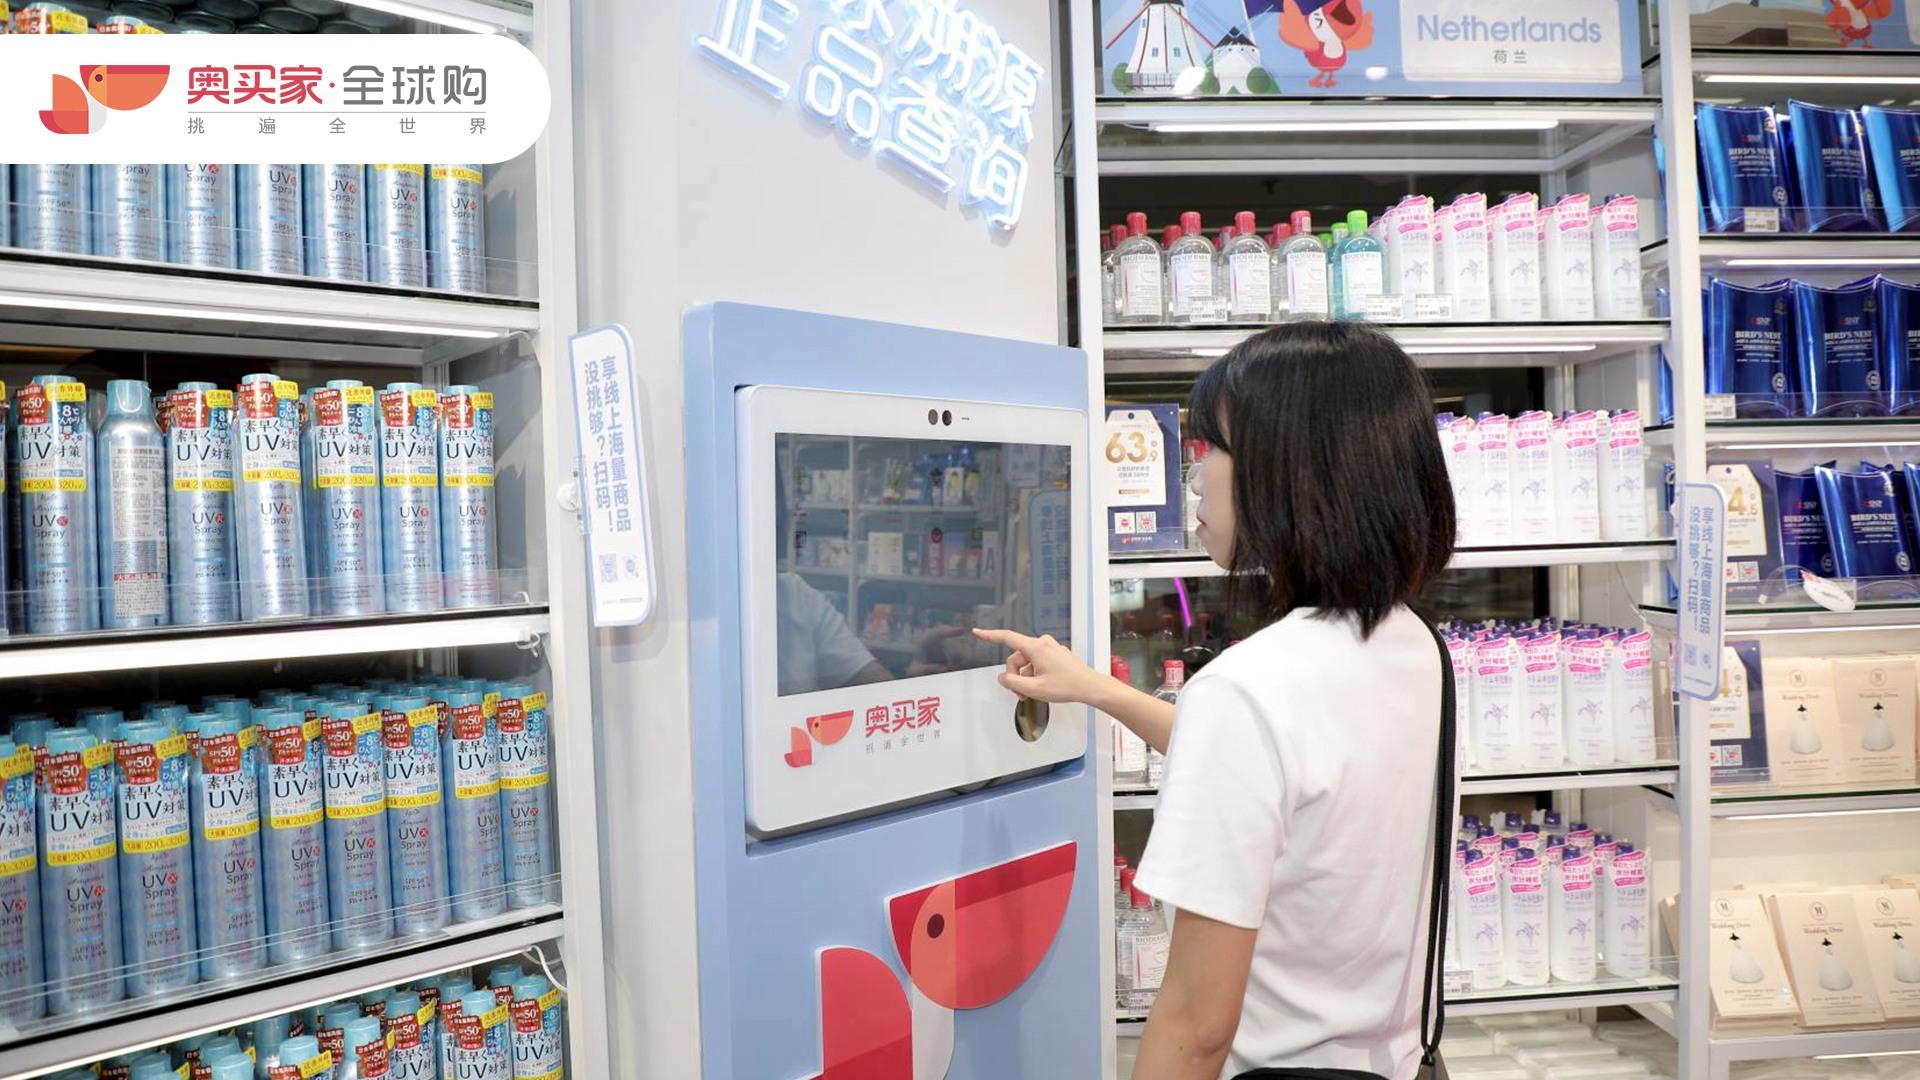 http://www.shangoudaohang.com/jinkou/213184.html